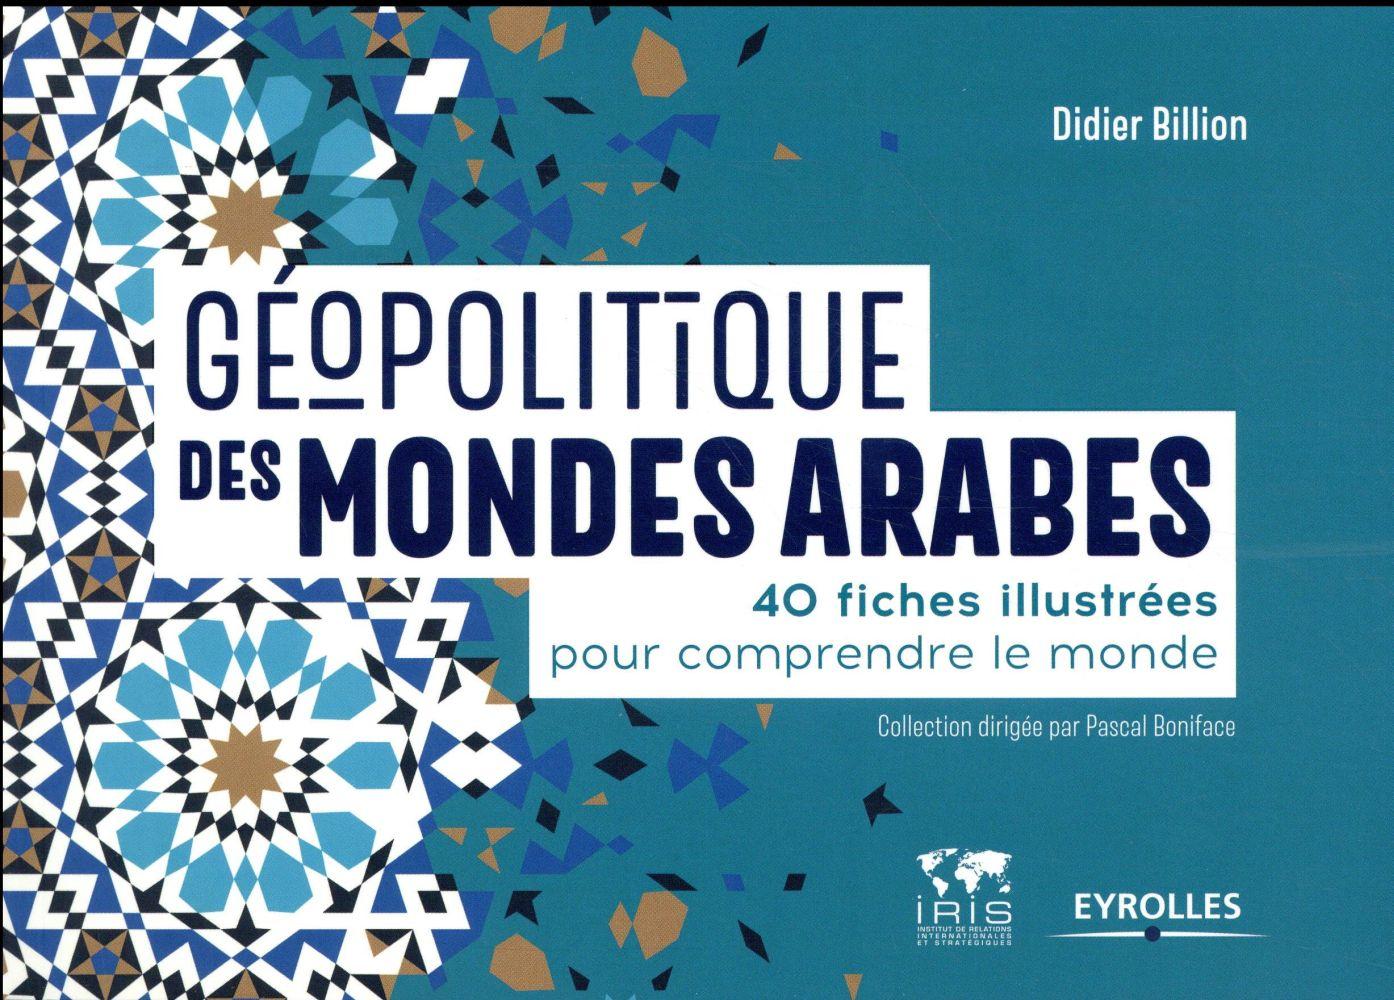 GEOPOLITIQUE DES MONDES ARABES - 40 FICHES ILLUSTREES POUR COMPRENDRE LE MONDE